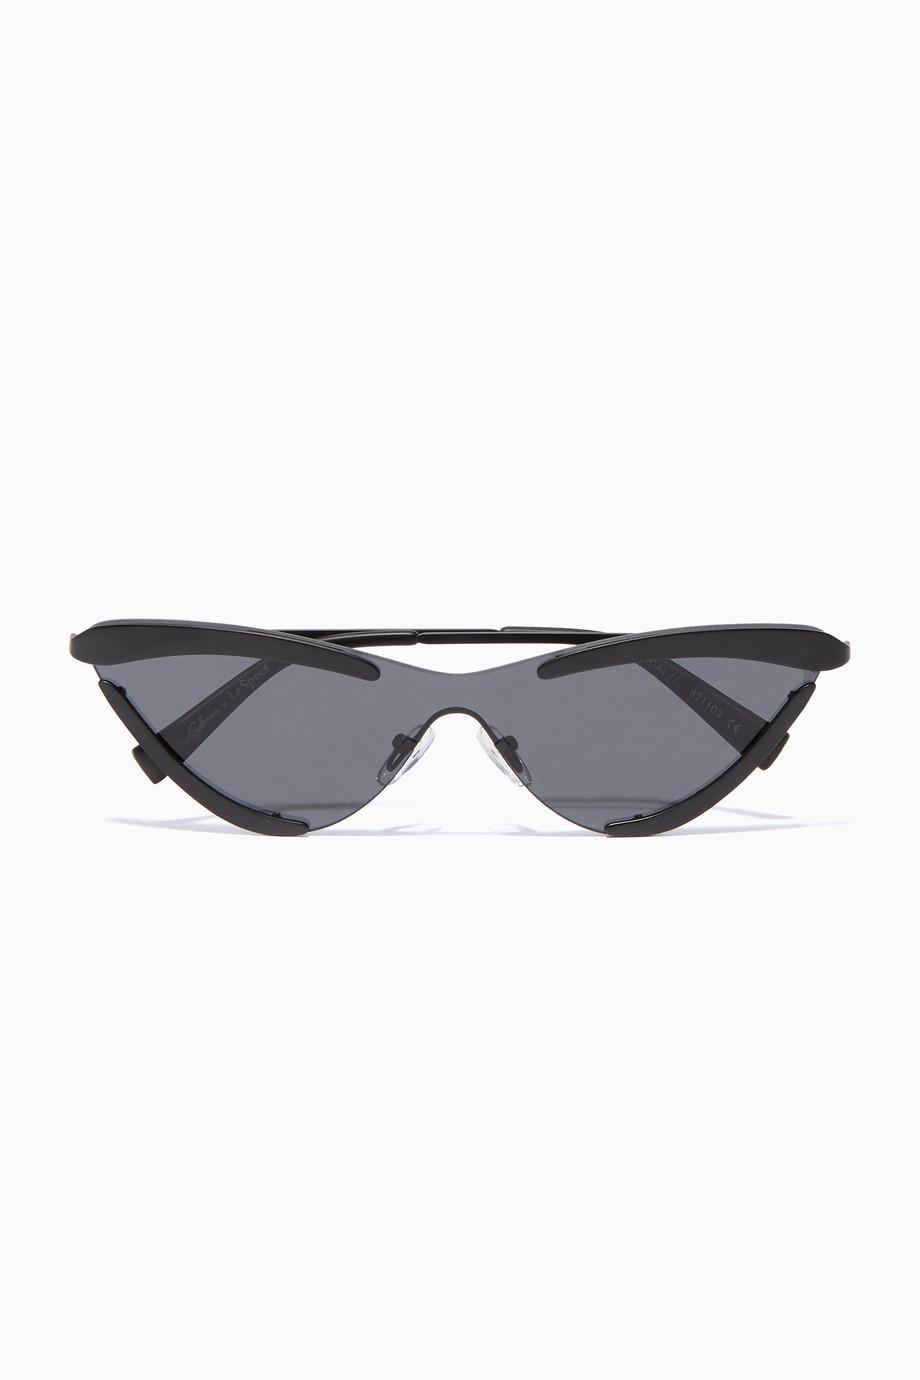 327276a0d3 Shop Le Specs Black Black Le Specs X Adam Selman The Scandal Sunglasses for  Women